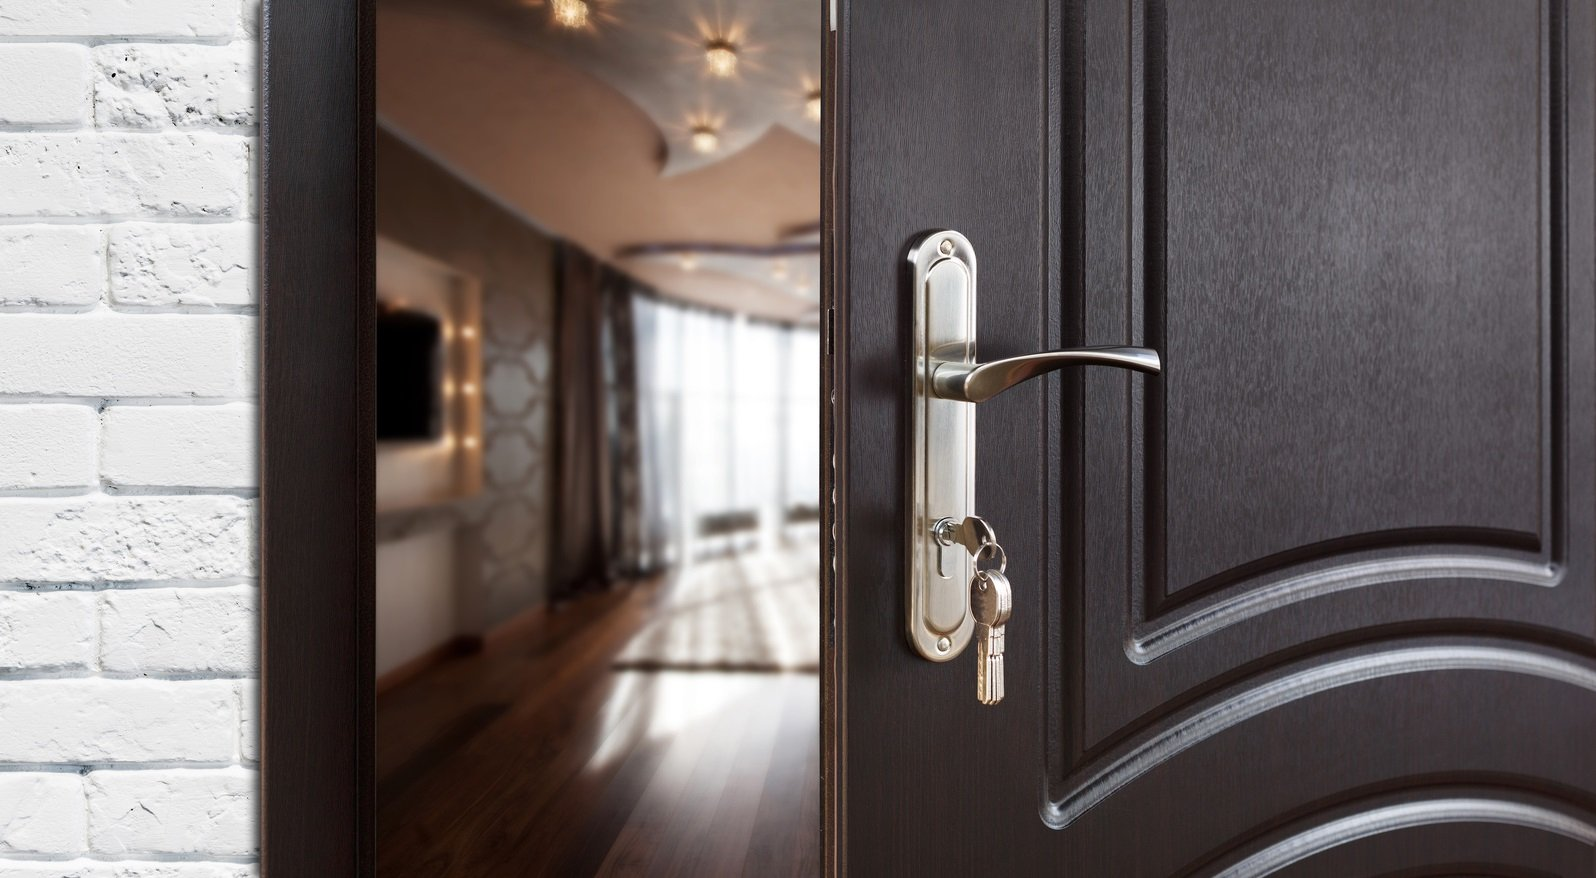 удалось картинки открытой двери квартиры потолочные покрытия